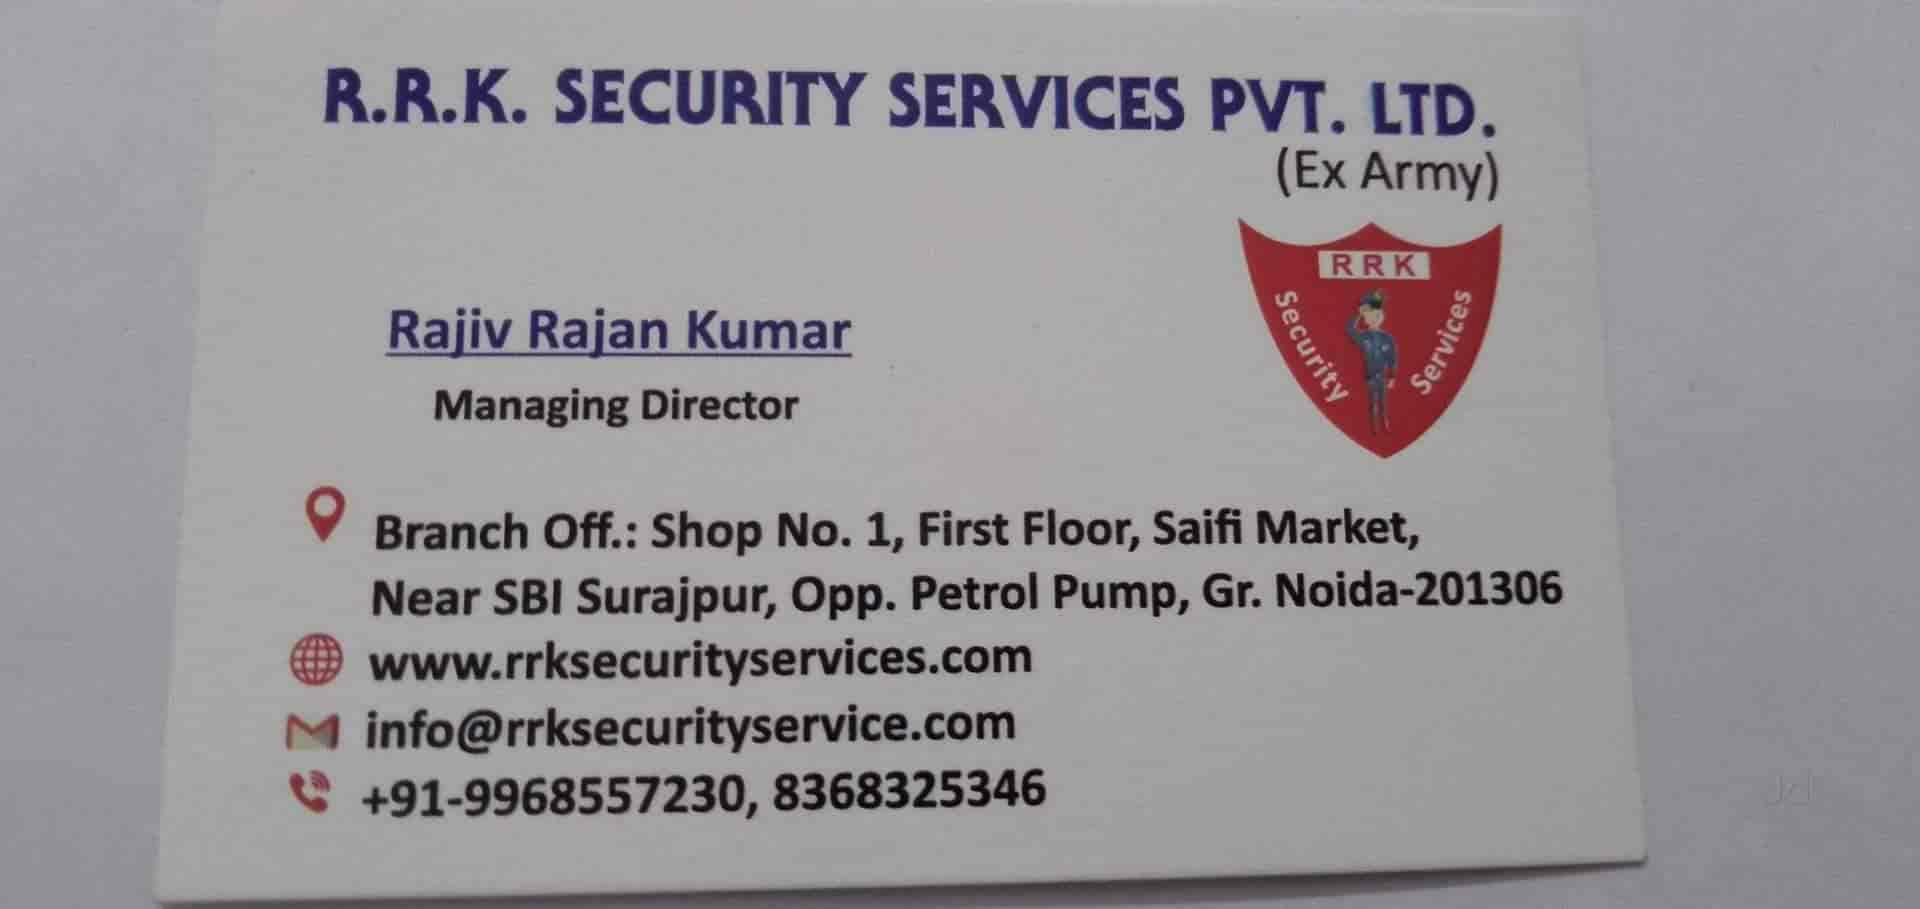 RRK Security services pvt ltd Photos, Surajpur, Noida- Pictures